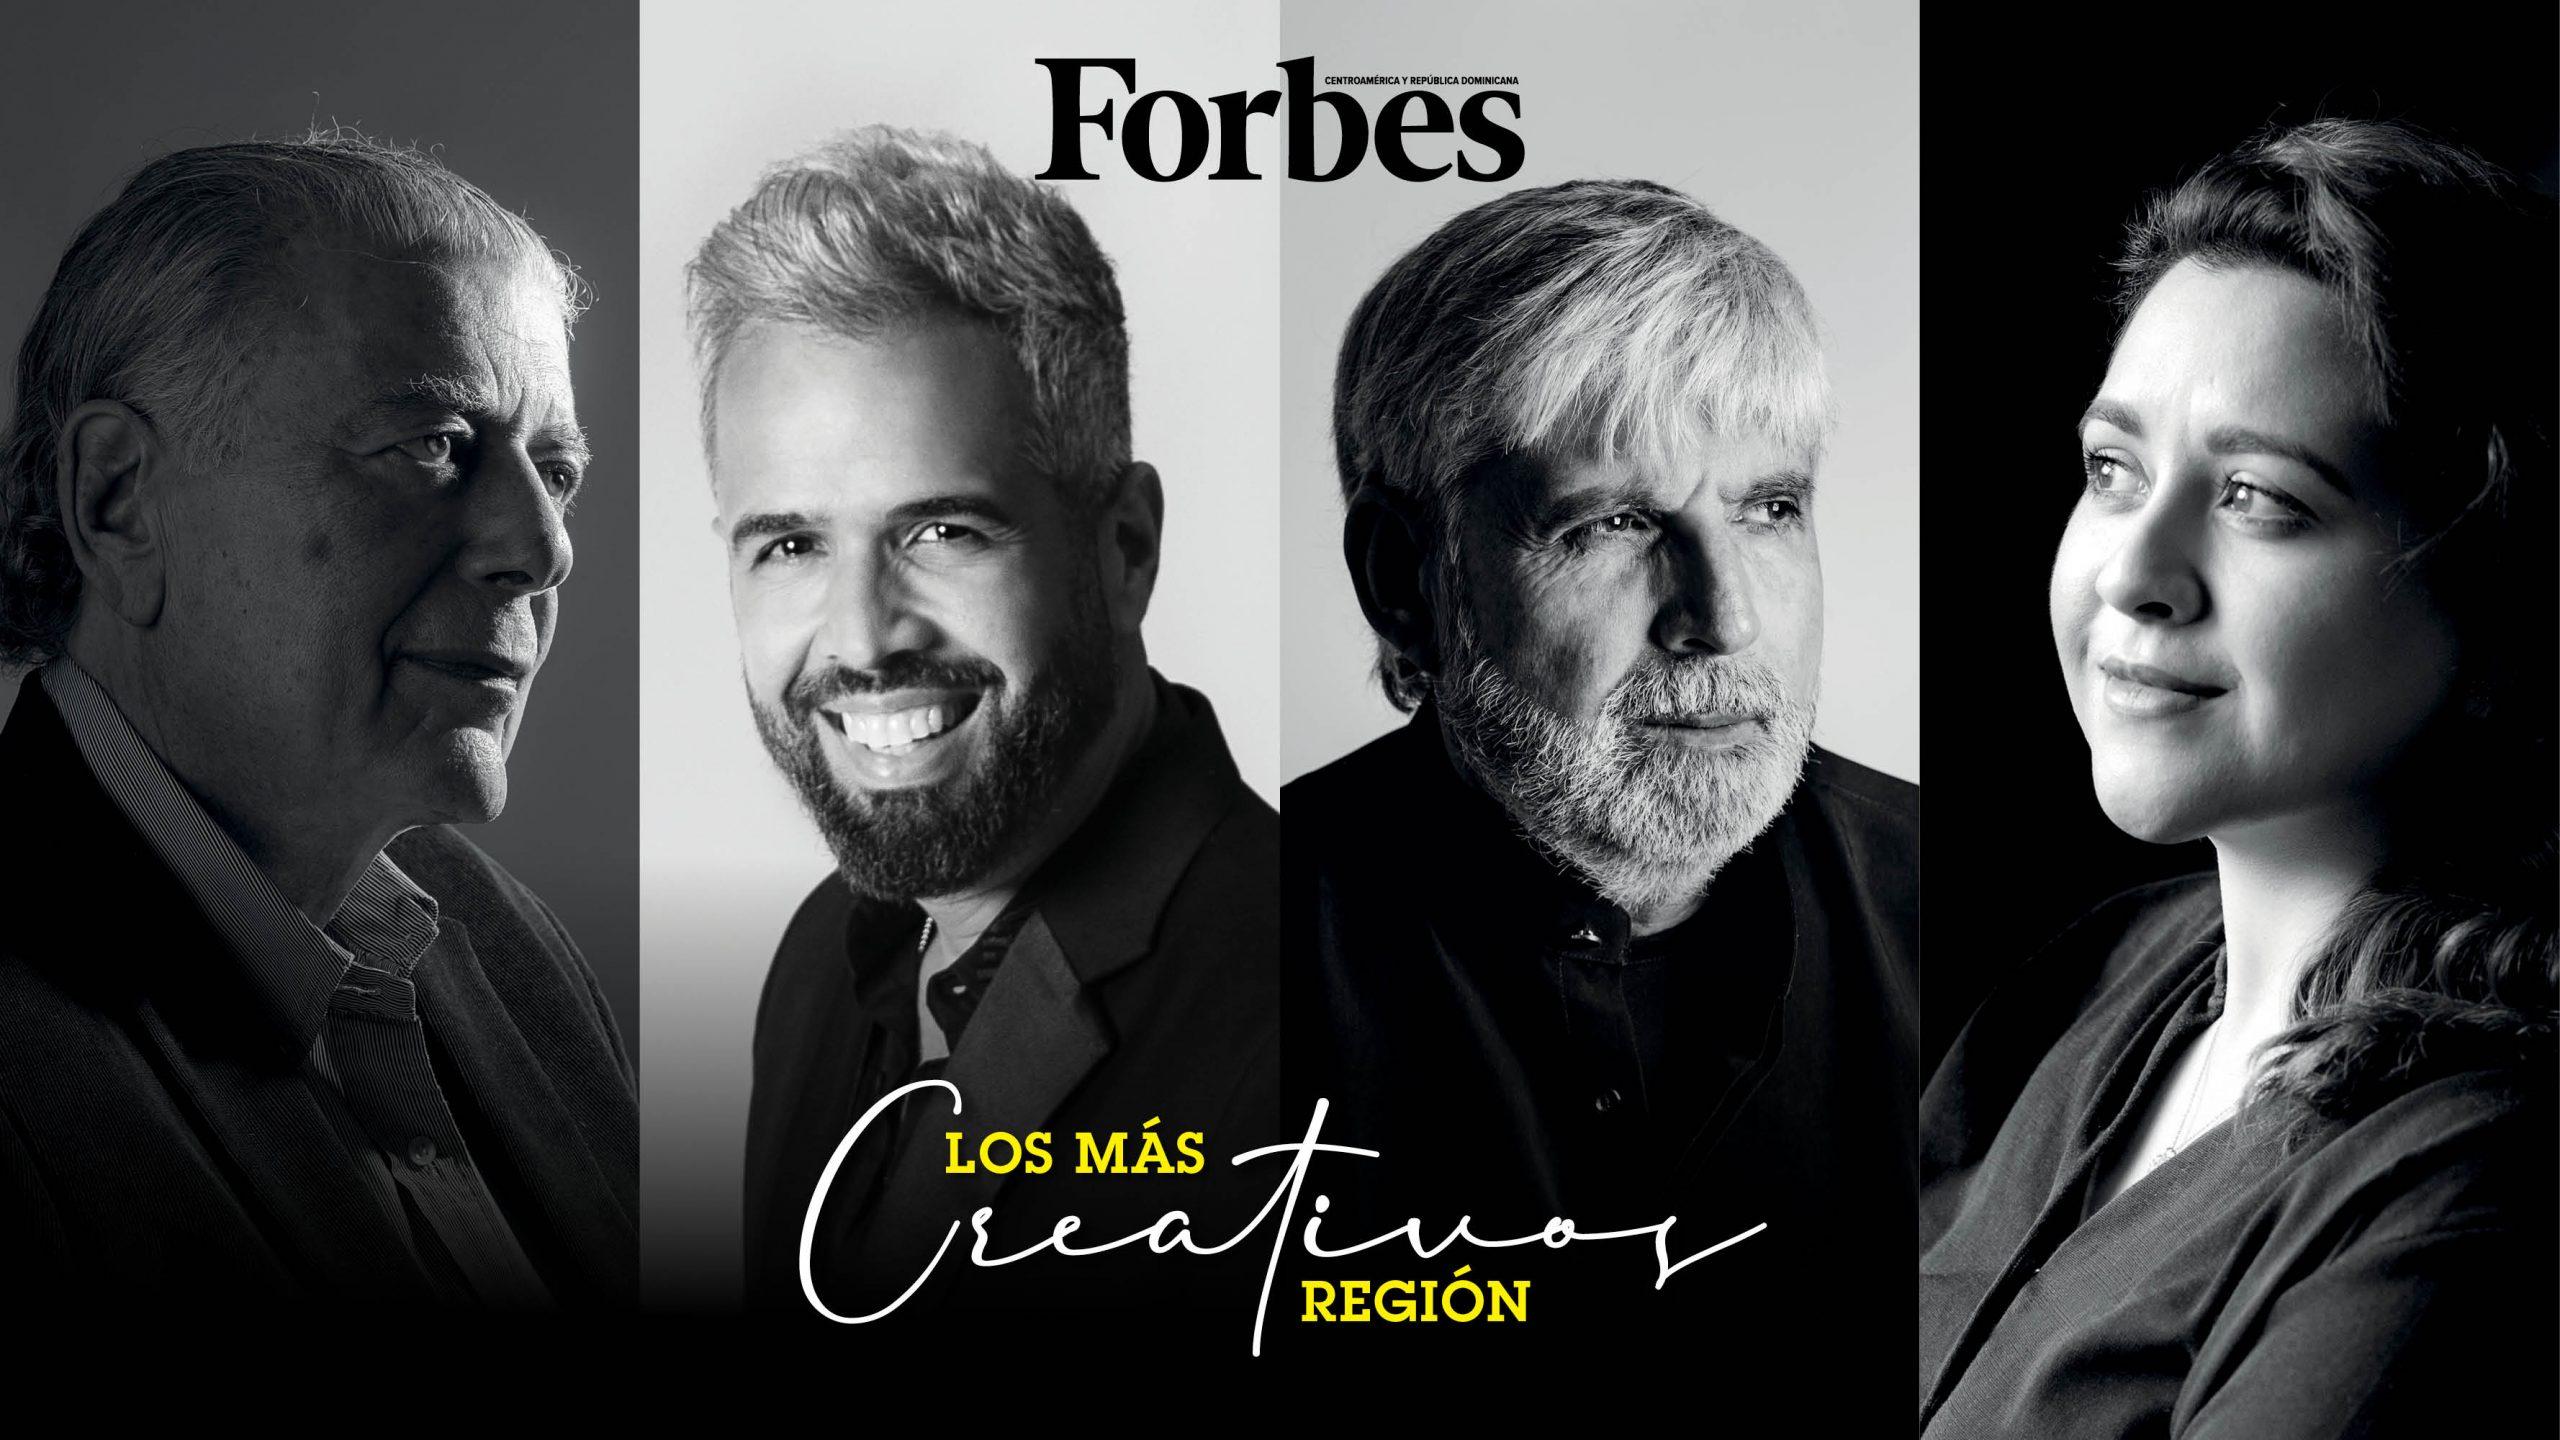 Los más creativos de la región